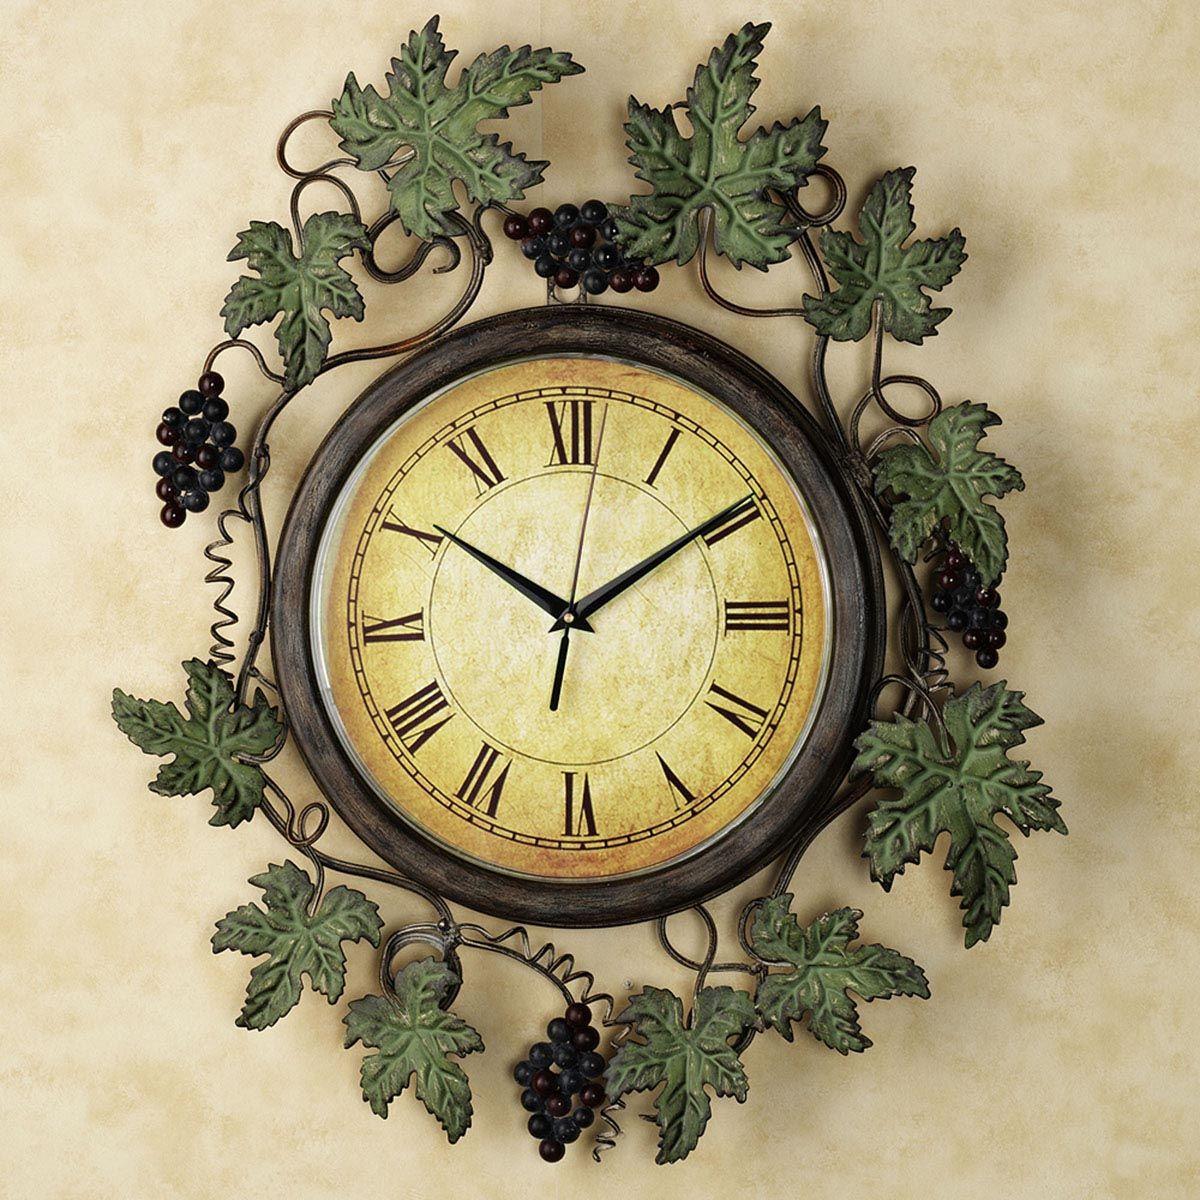 Clocks for Kitchen Wall | Clocks | Pinterest | Kitchen wall clocks ...